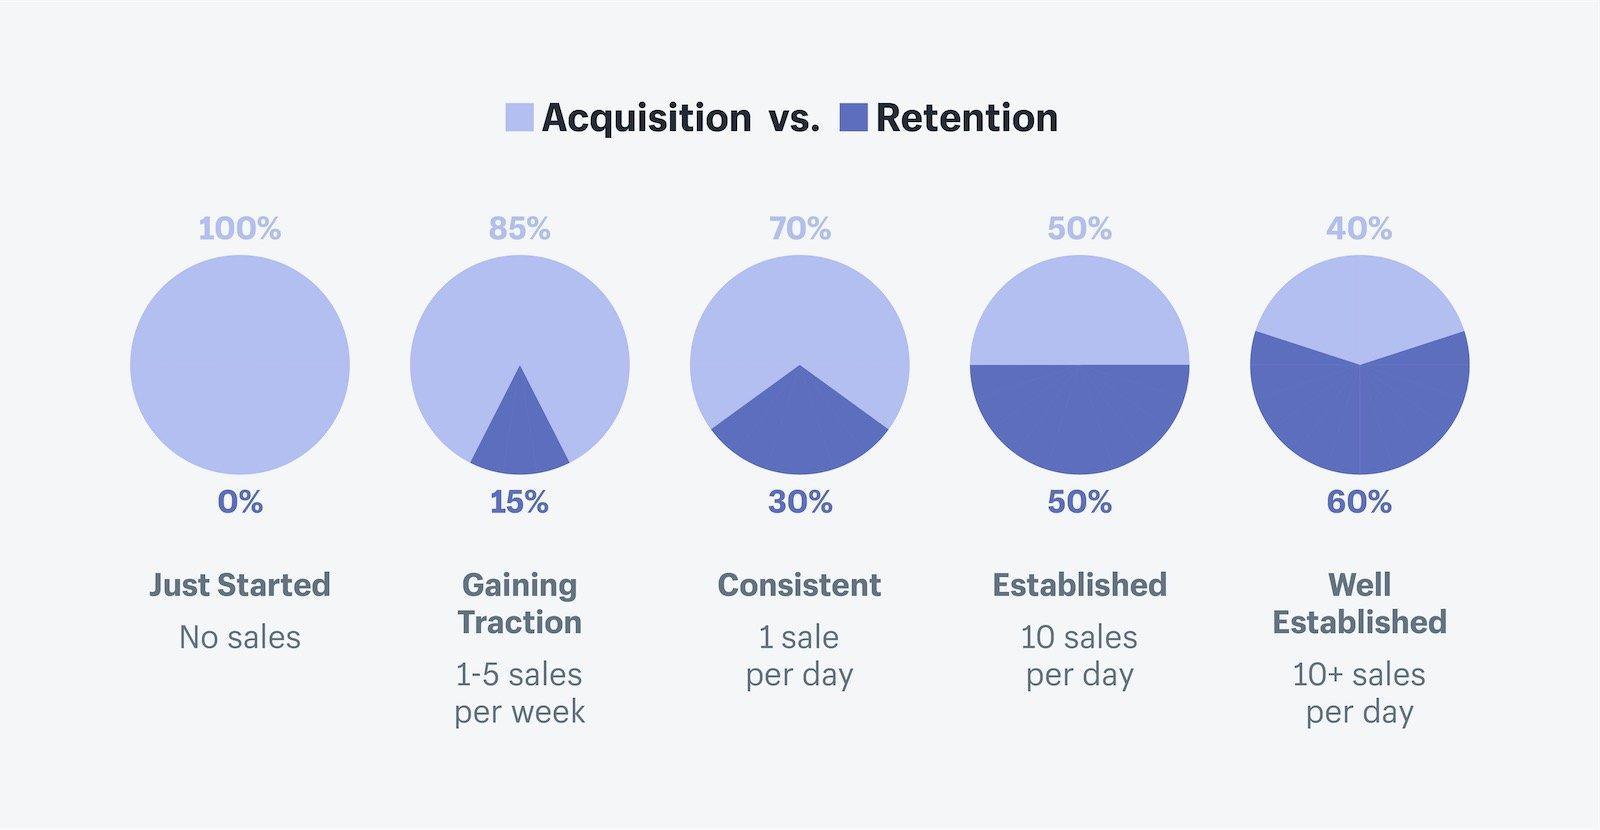 Acquisition vs. Retention